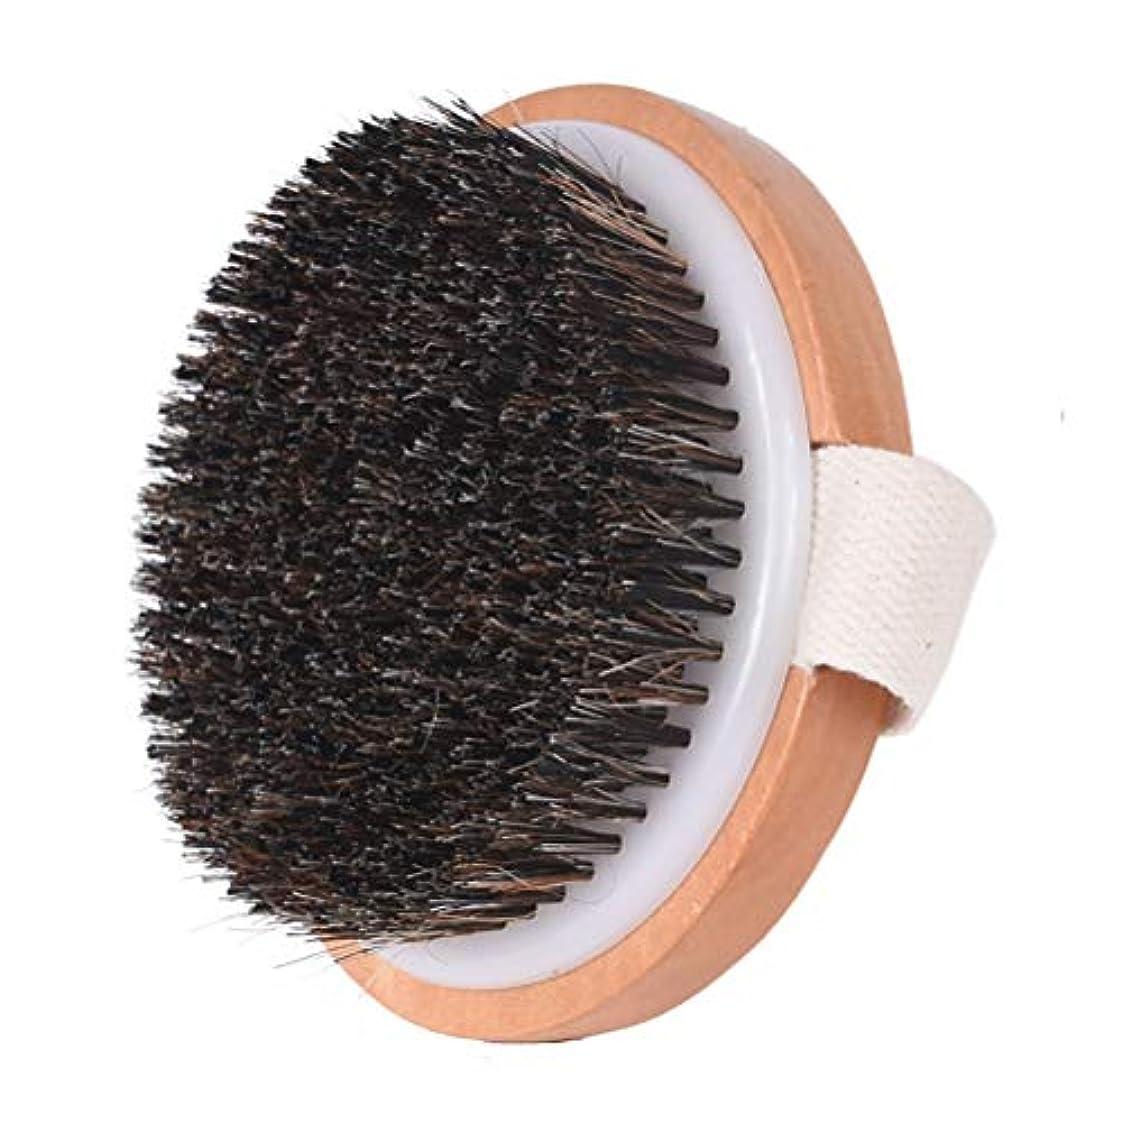 感情の絶対のクモMaltose 馬毛ボディブラシ 天然素材 柄なし お風呂用 体洗いブラシ 柔らかい 足洗い つるつる美肌に 竹製